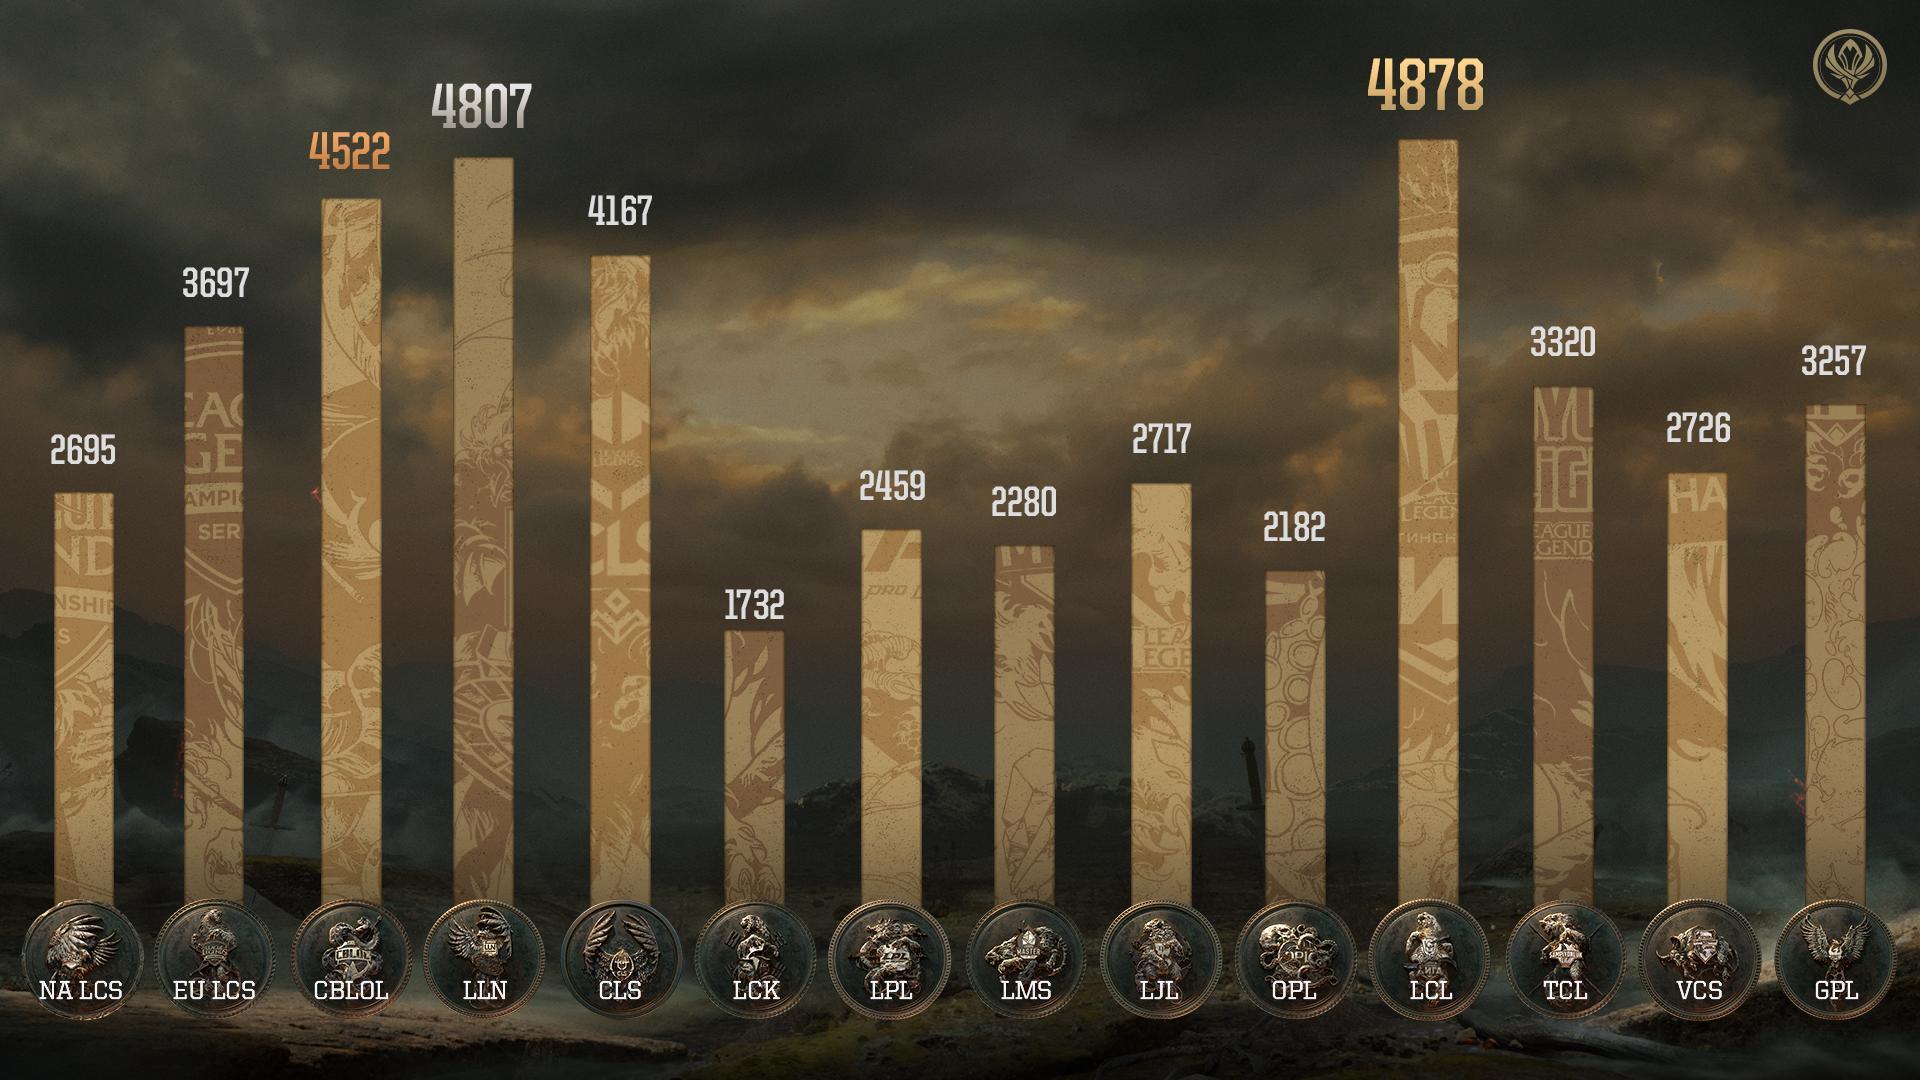 Resultados actualizados de la batalla de regiones